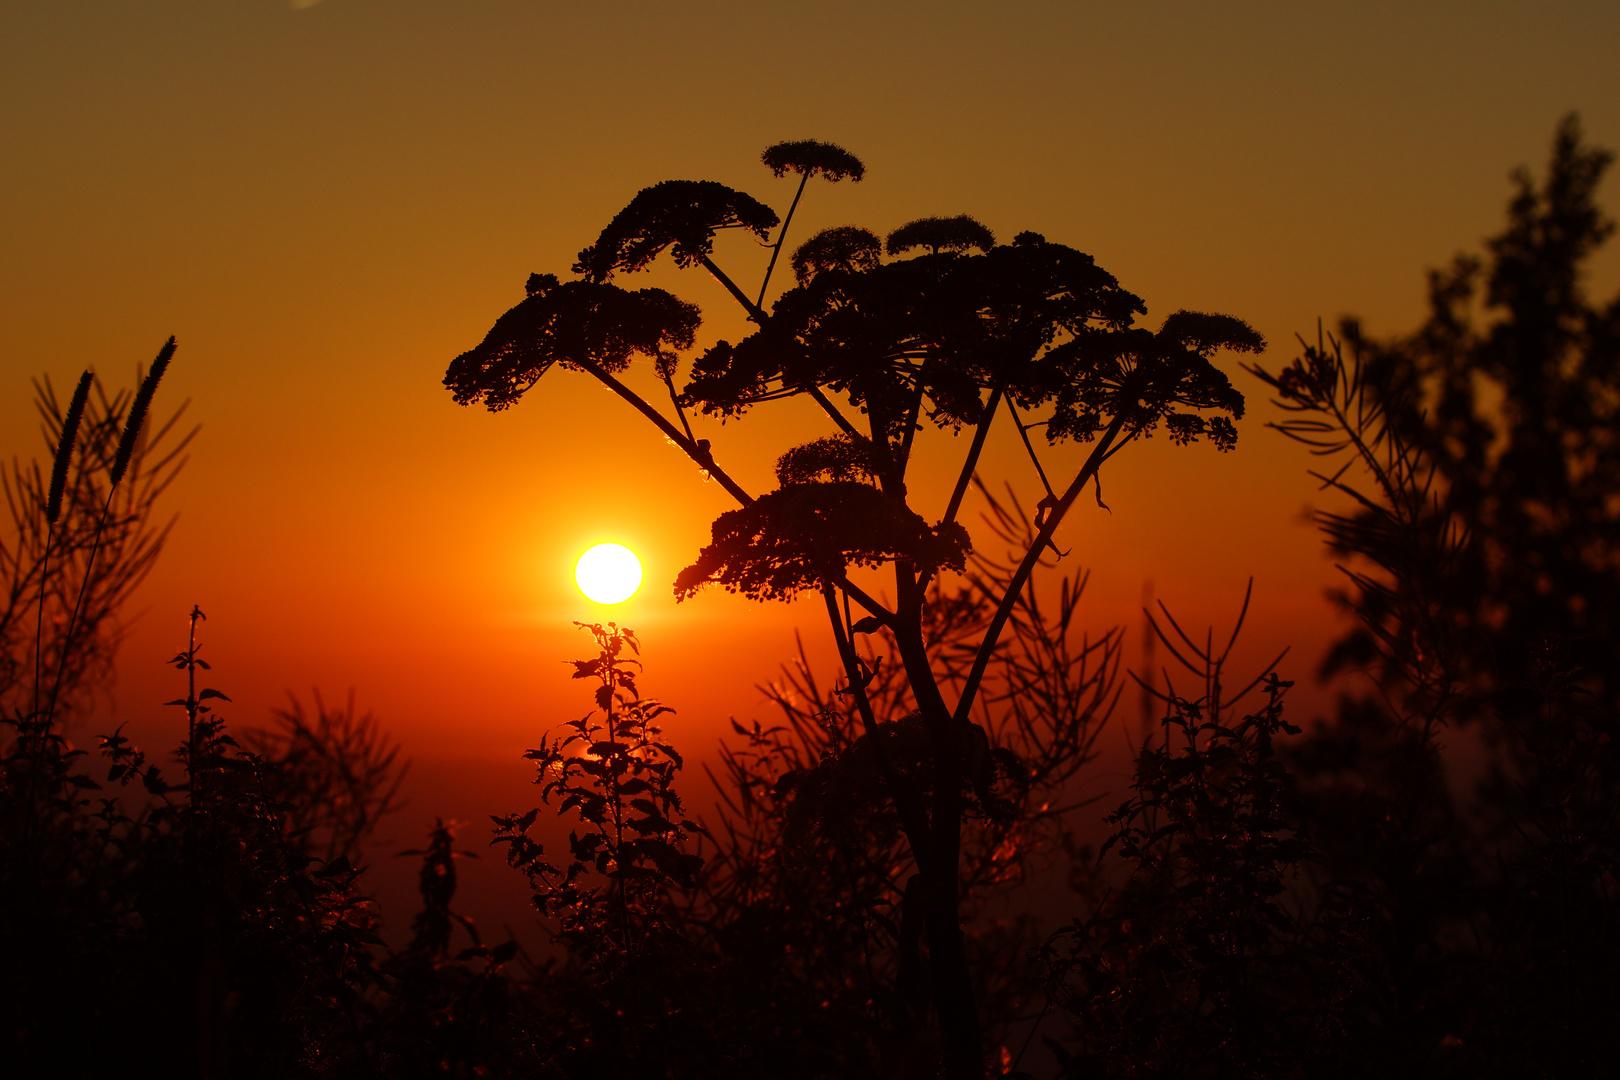 Die wärmende Sonne am Berg (Archivebild)